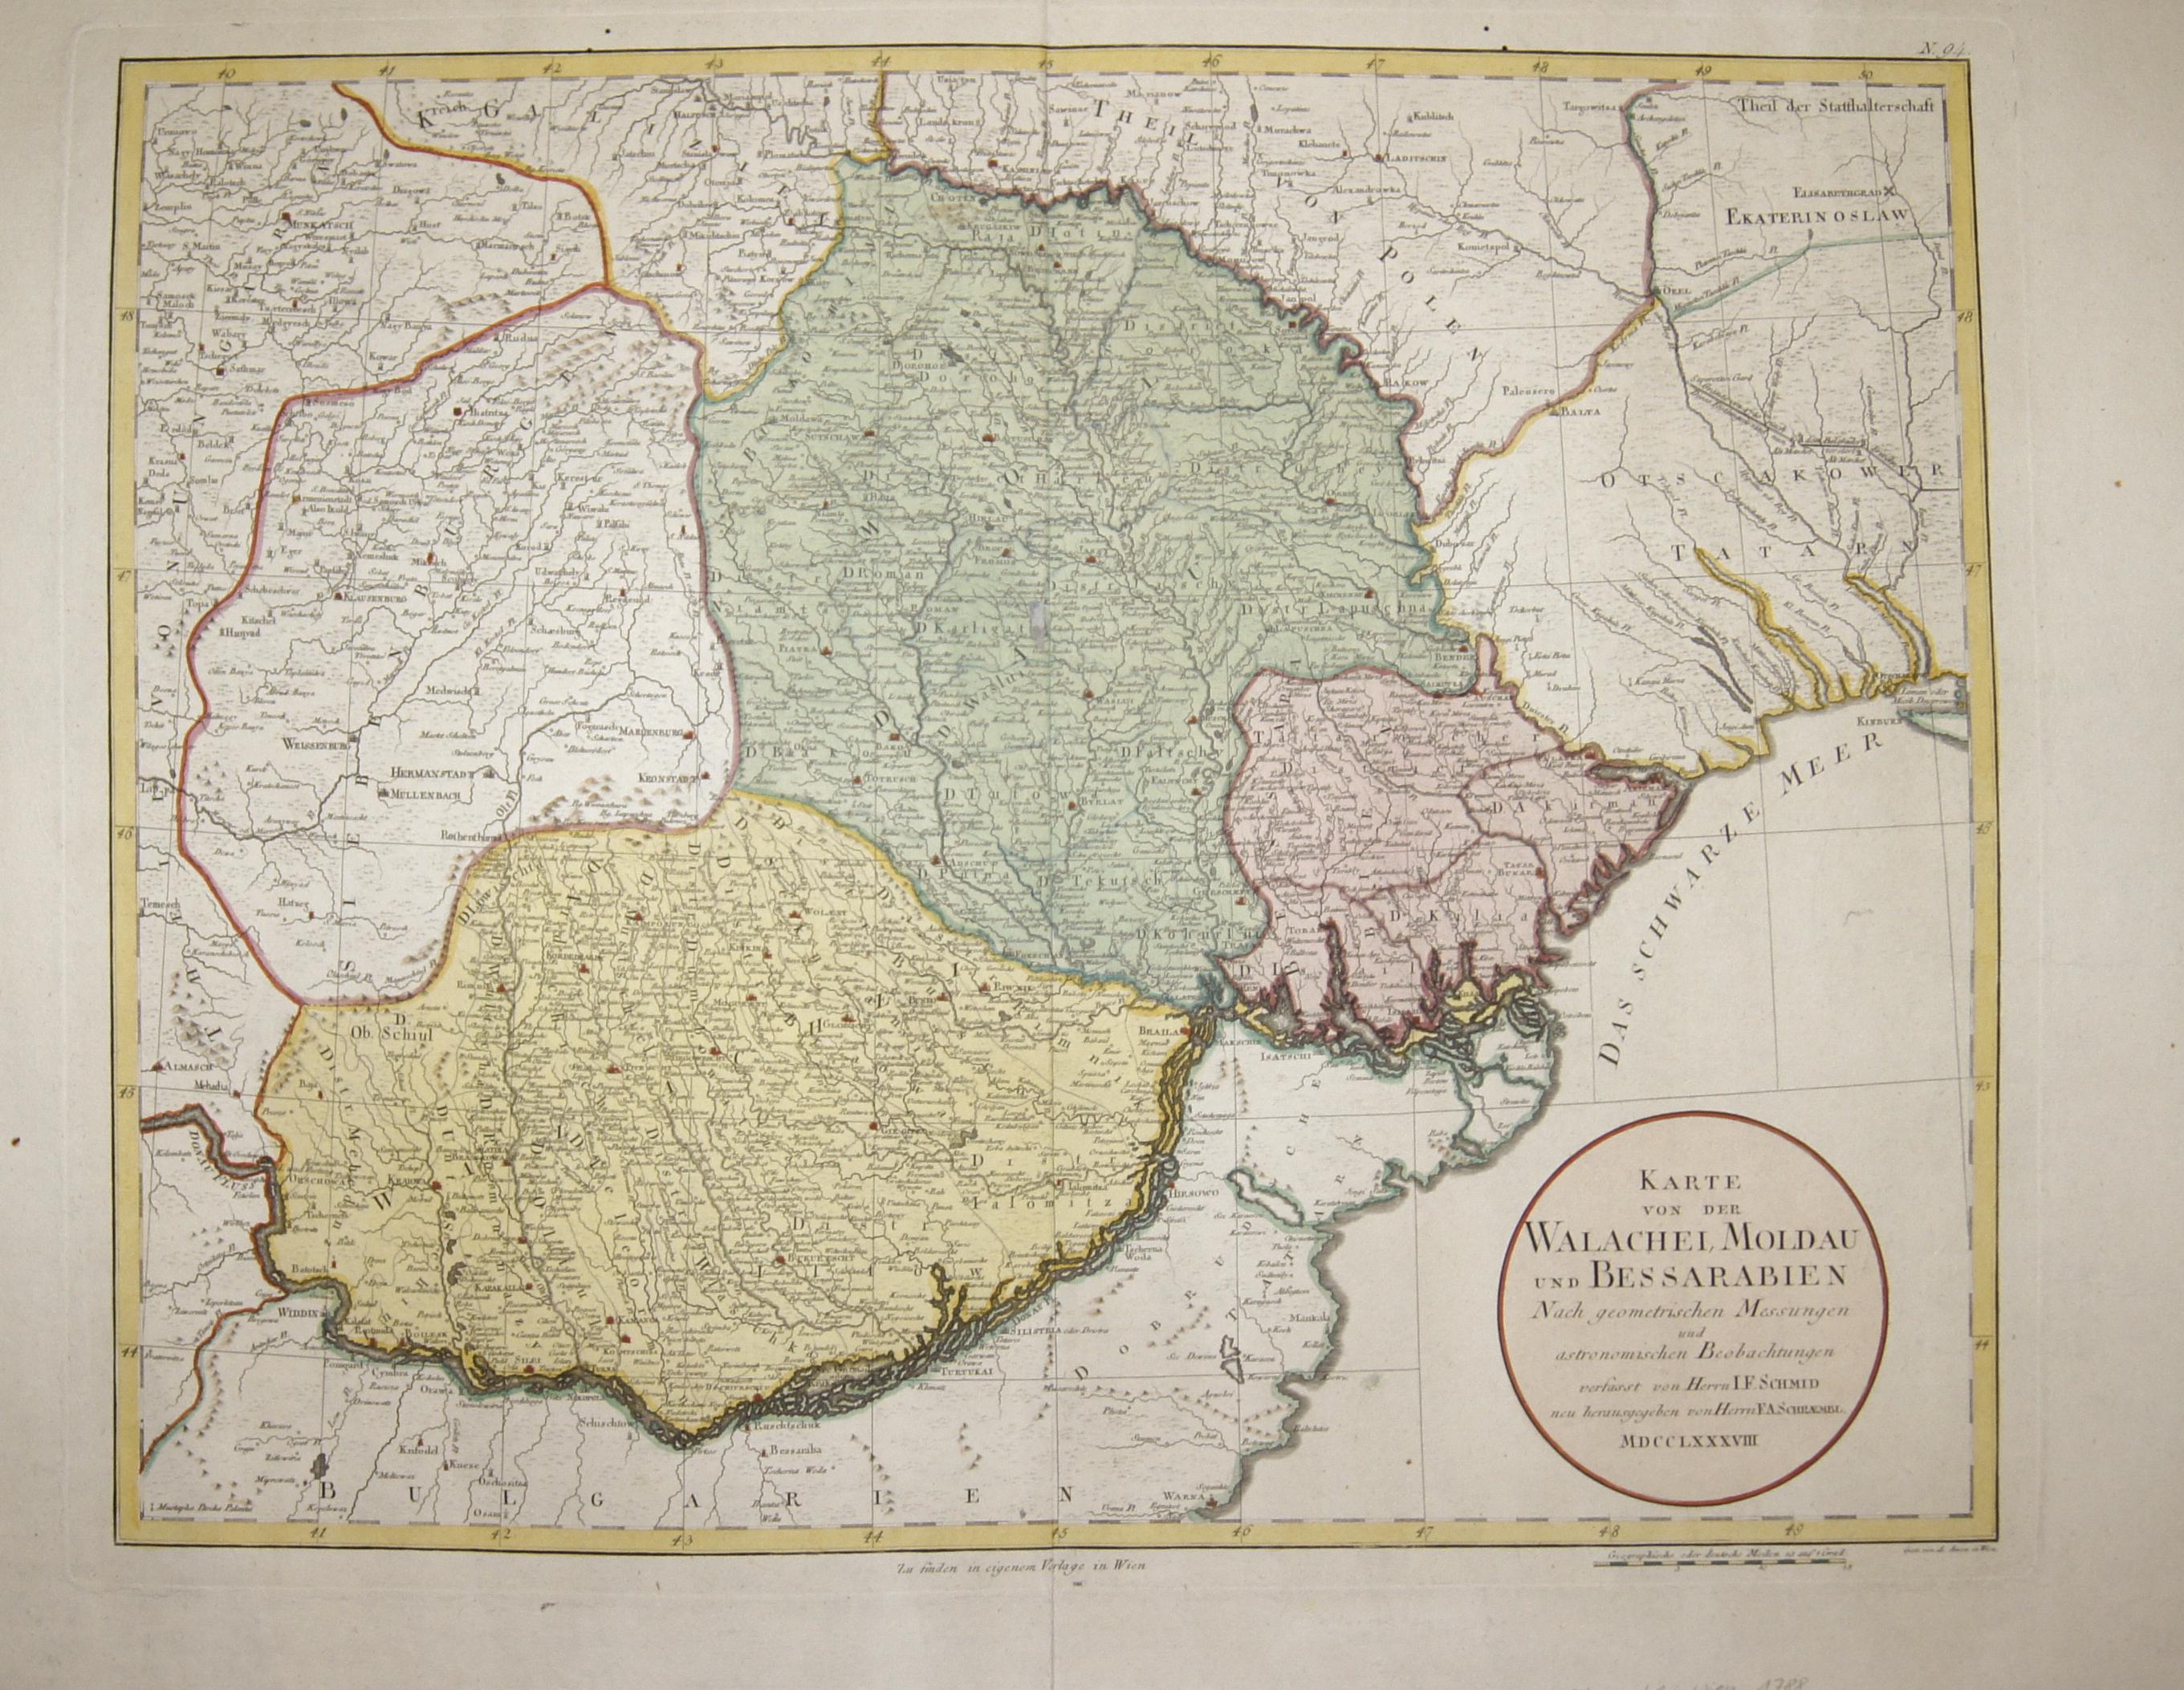 Schraembl  Karte von der Walachei, Moldau und Bessarabien